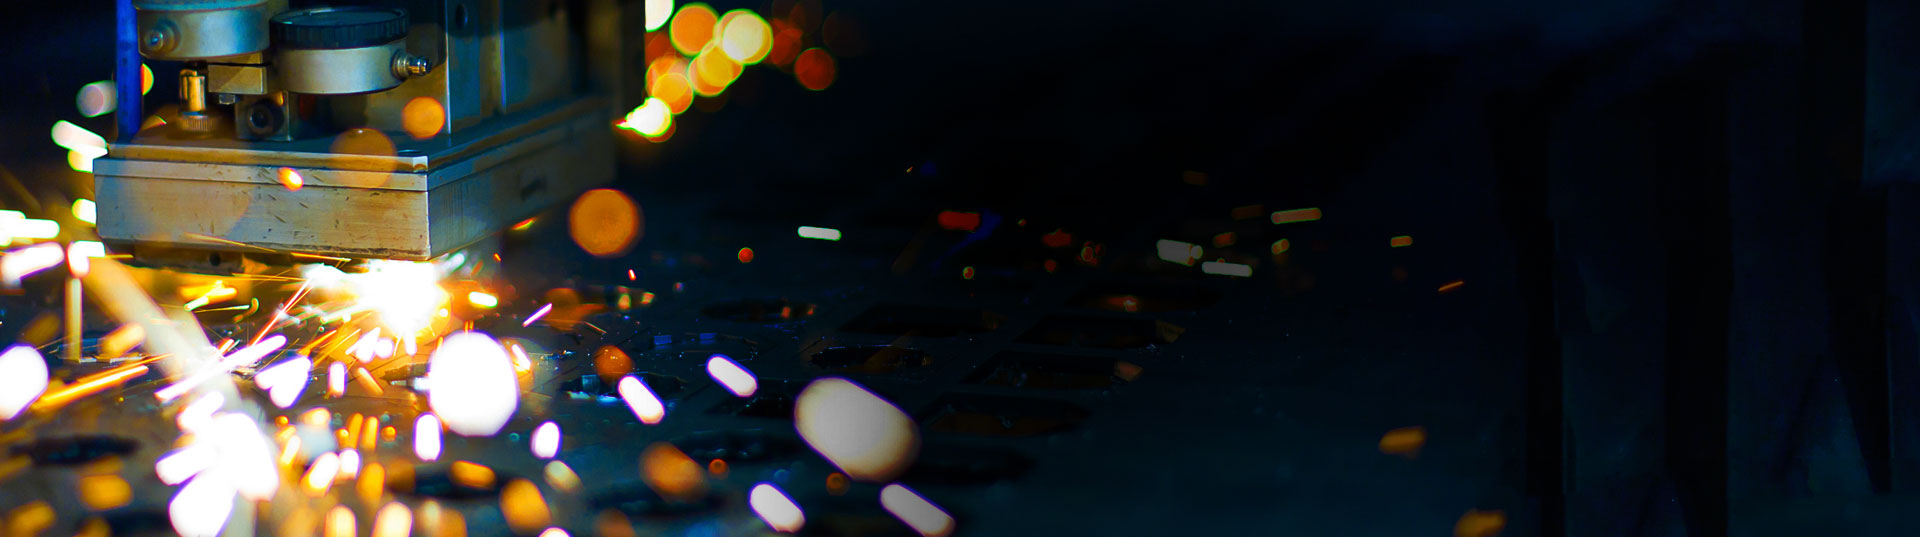 slider-texture-2